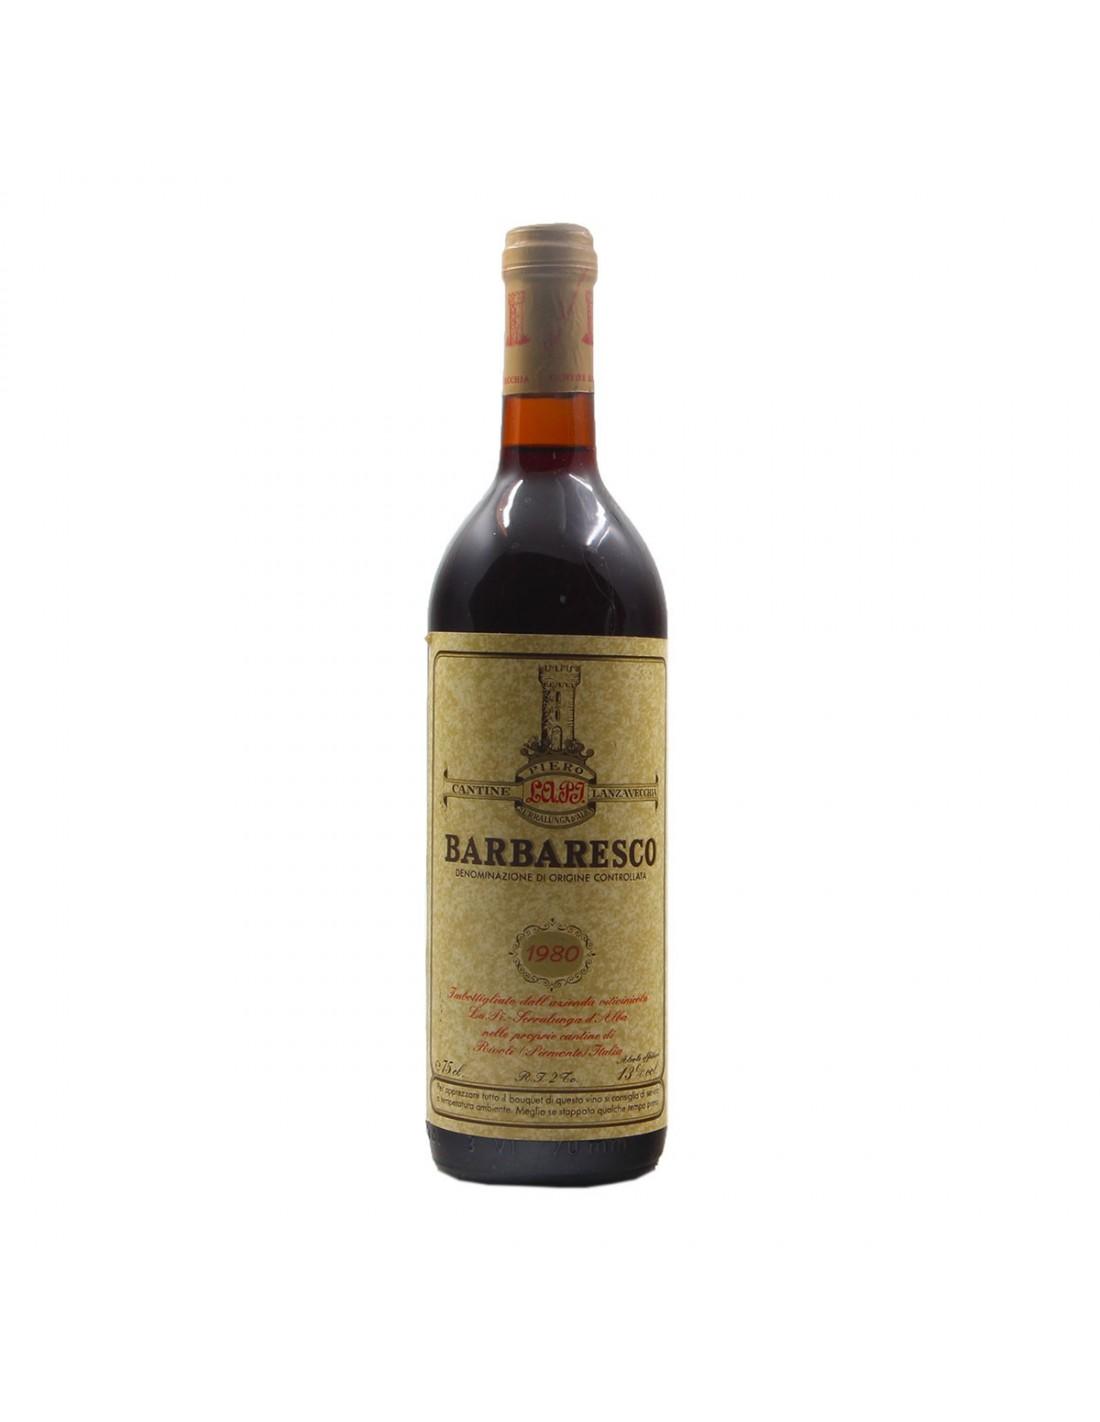 BARBARESCO 1980 CANTINE LANZAVECCHIA Grandi Bottiglie